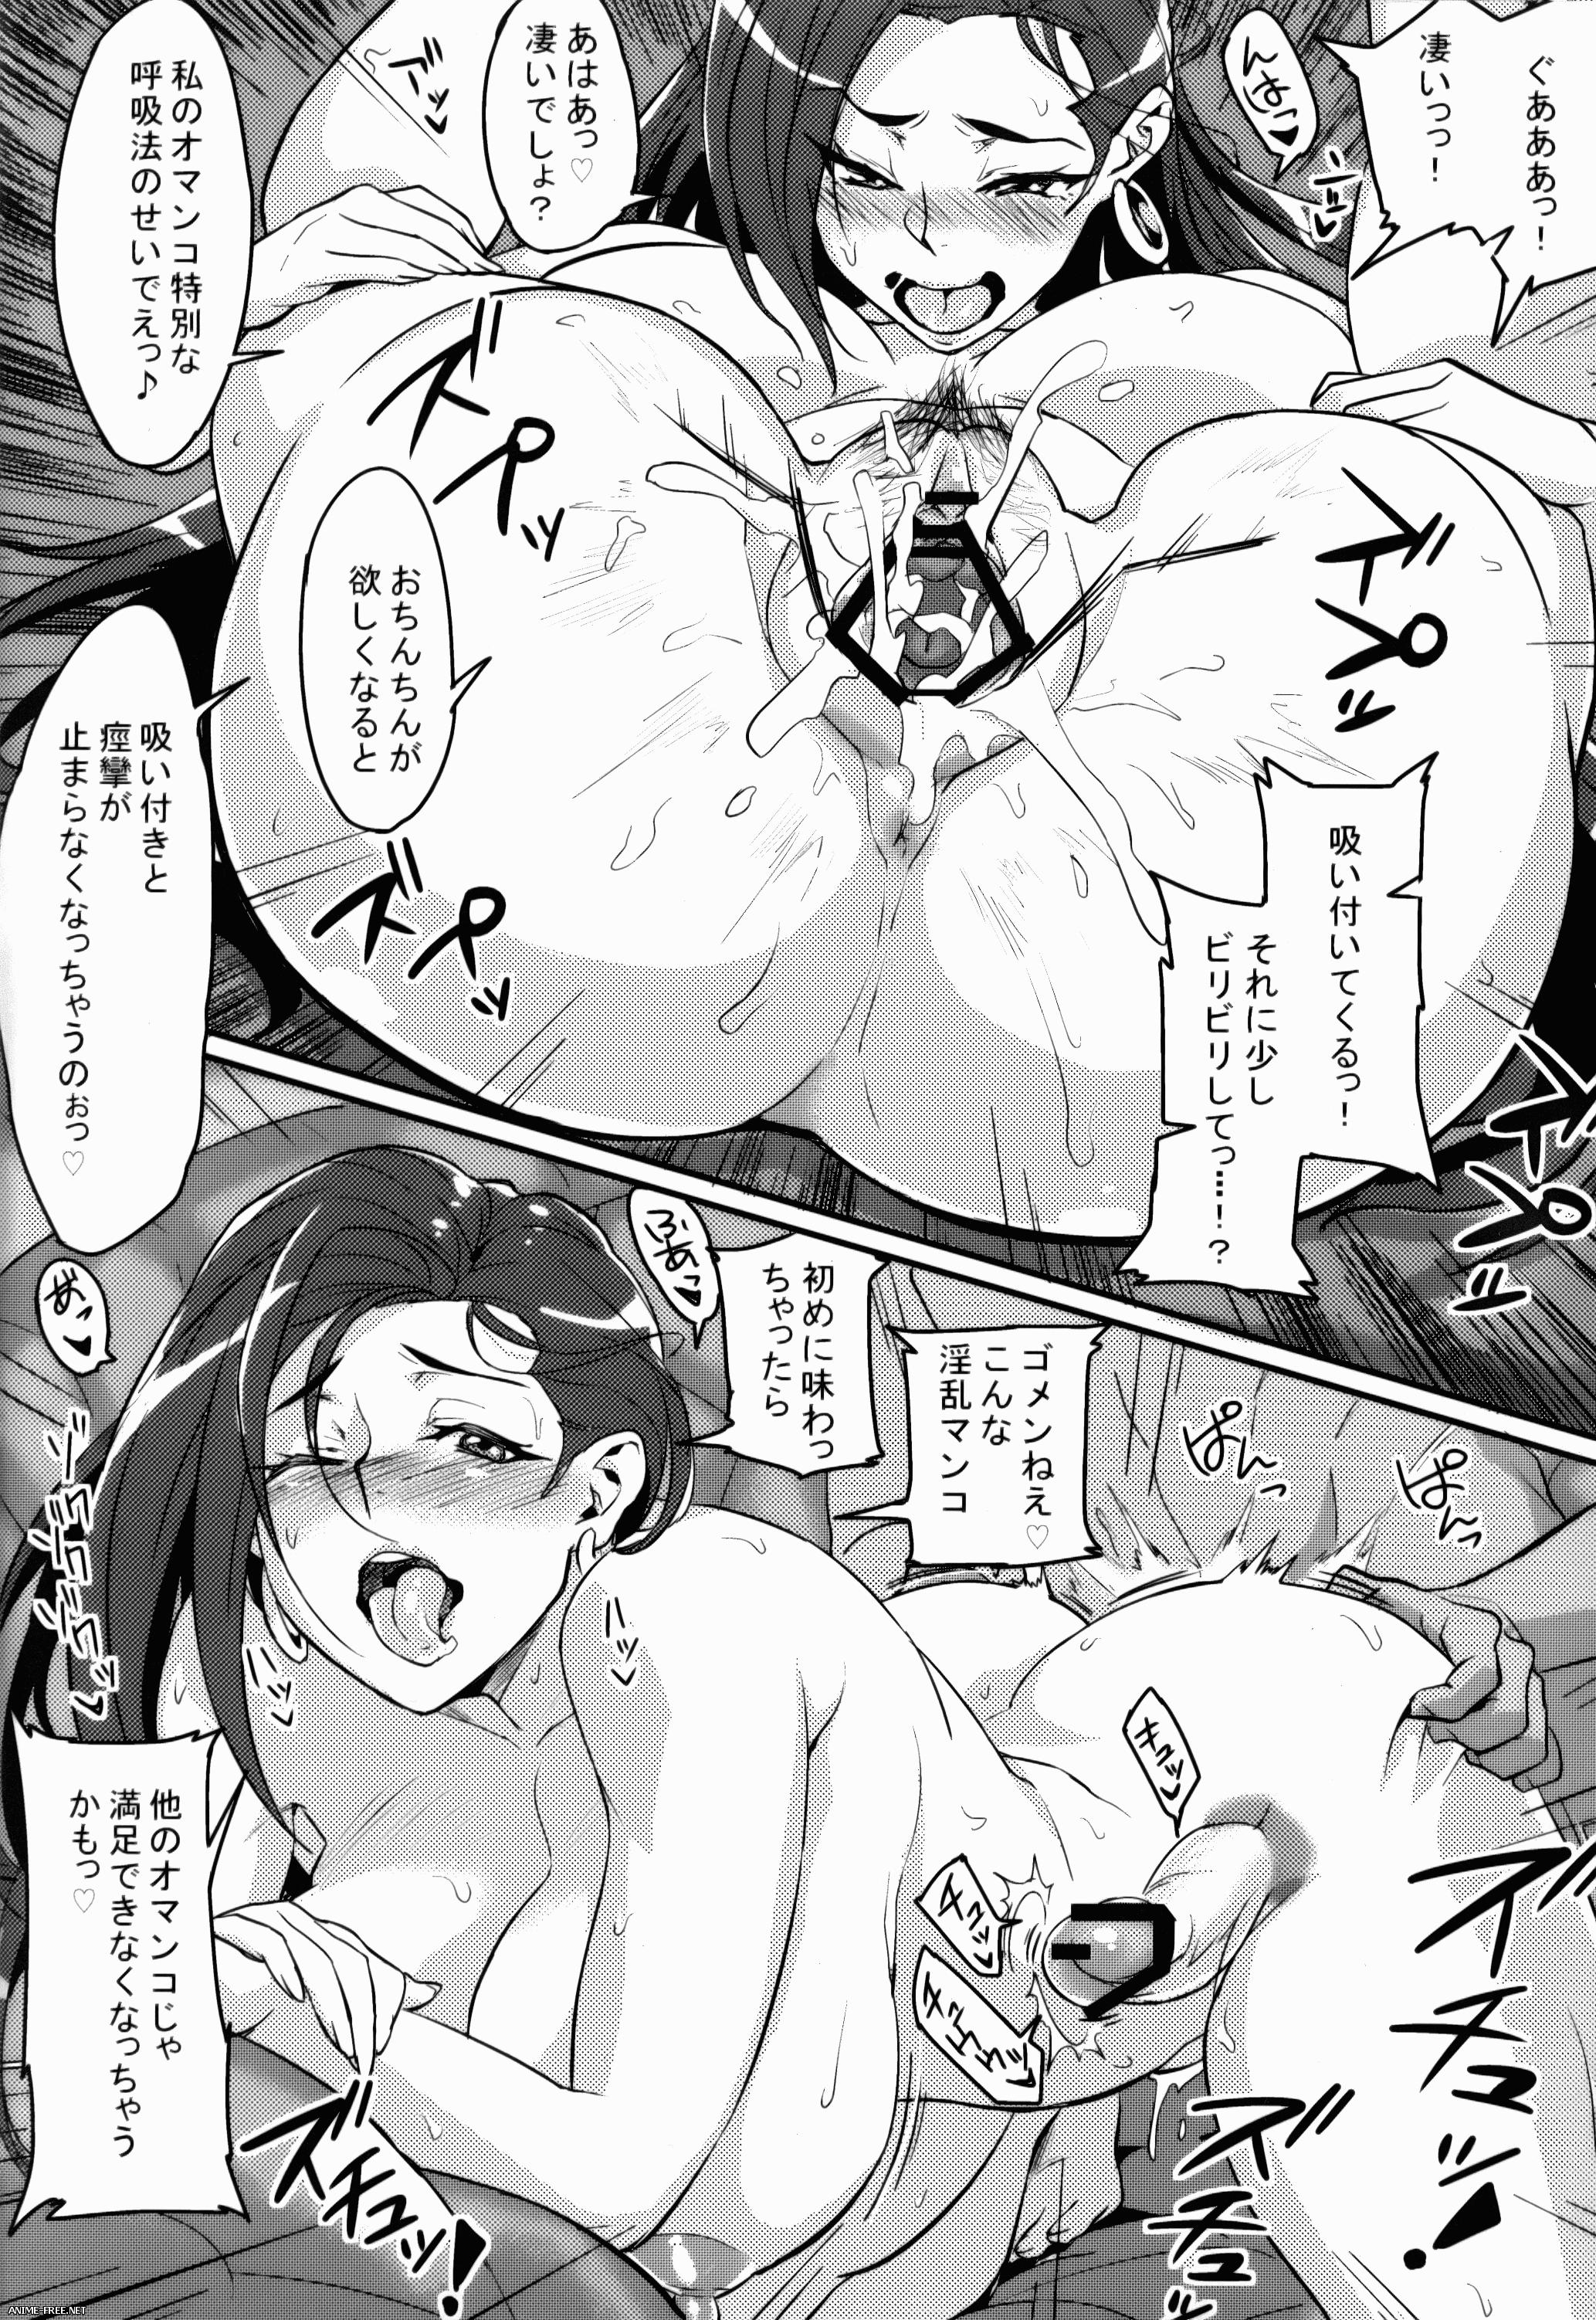 Numahana / Aroma Girl — Сборник хентай манги [Cen] [JAP,ENG] Manga Hentai